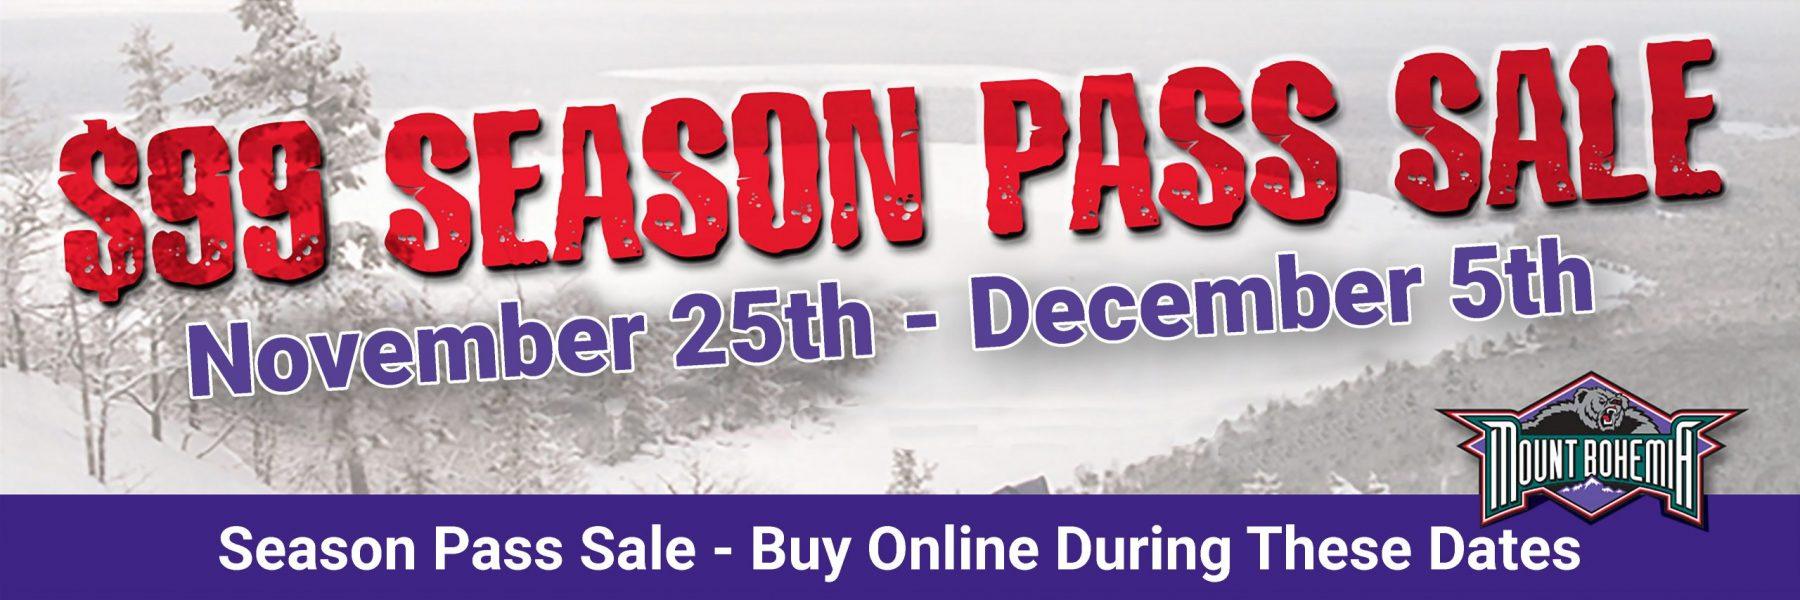 99 season pass sale 110320